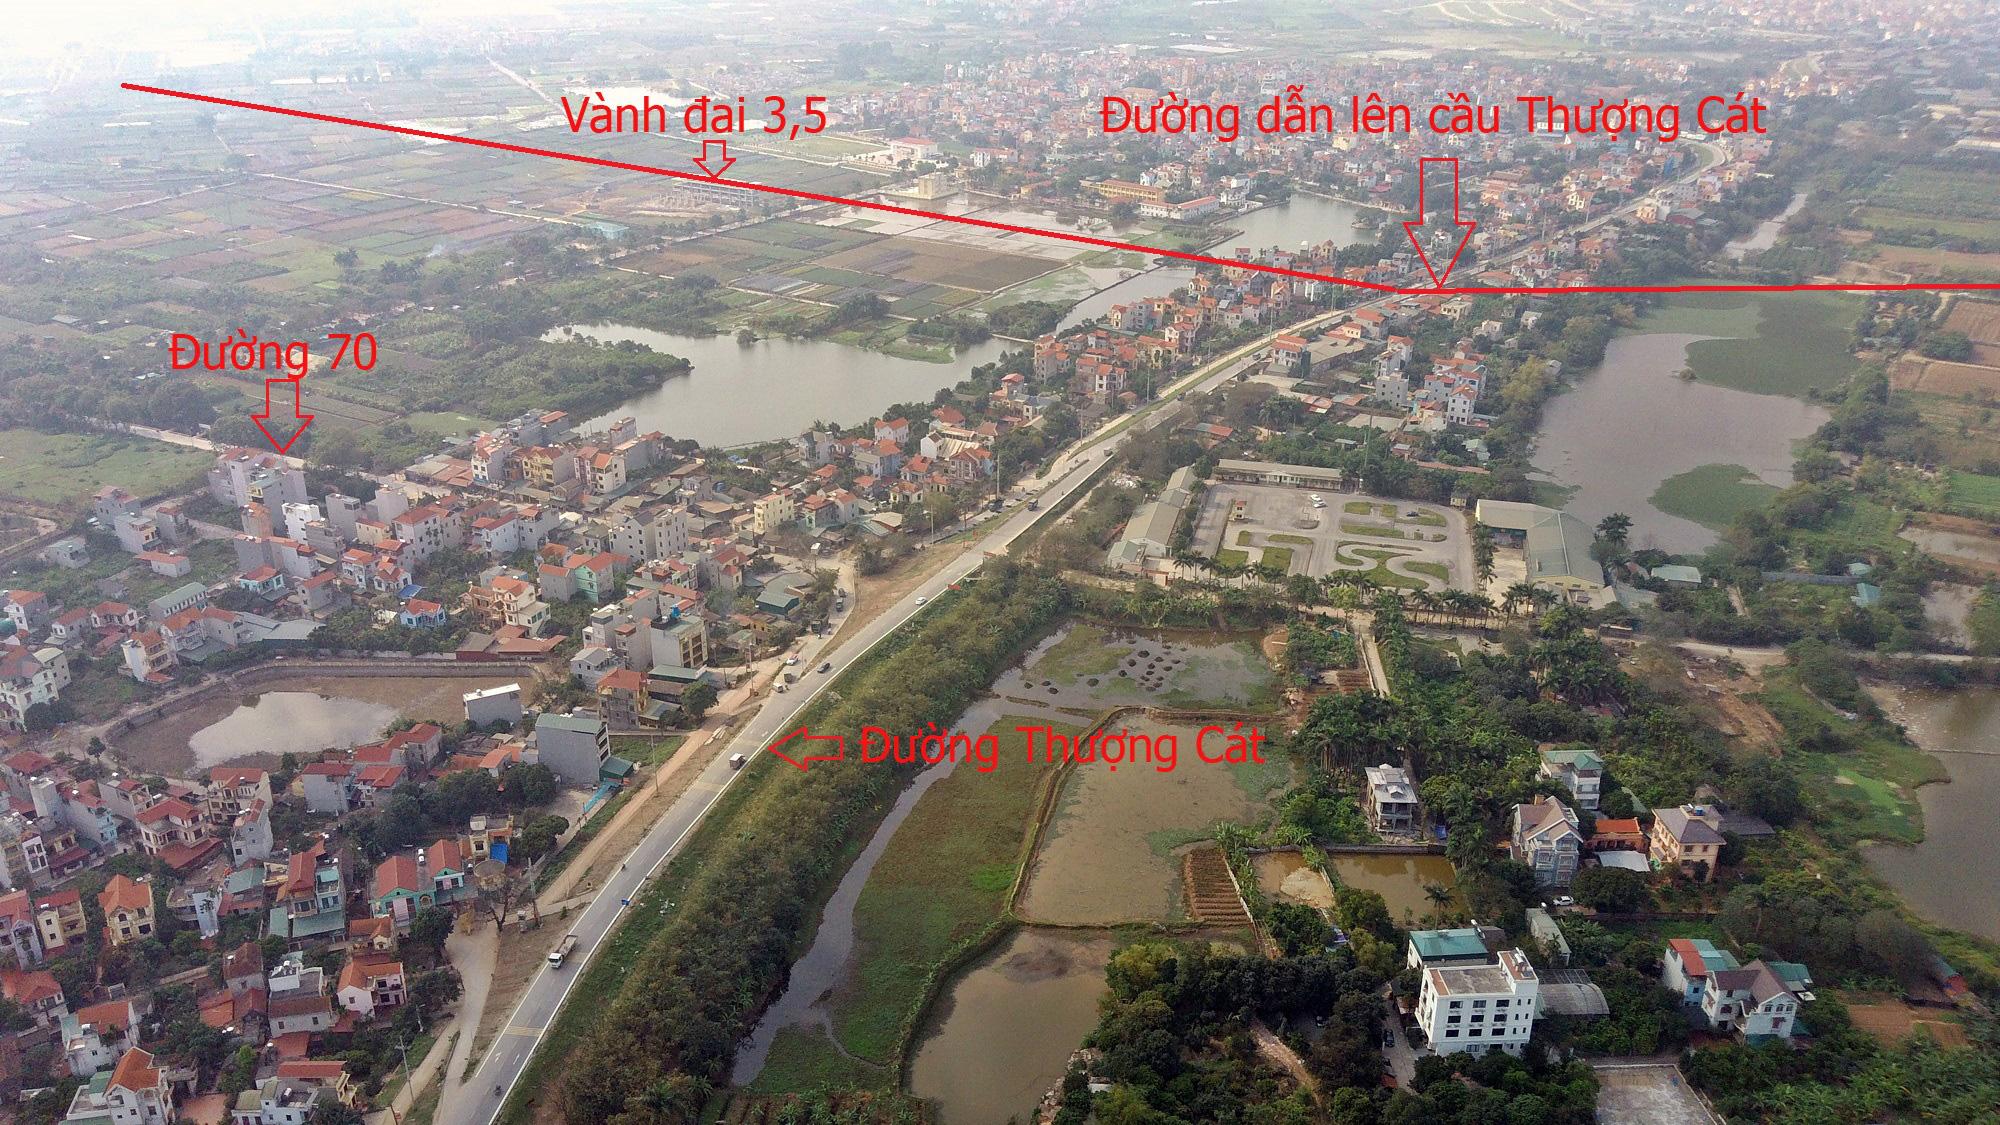 Cầu sẽ mở theo qui hoạch ở Hà Nội: Toàn cảnh cầu Thượng Cát nối Bắc Từ Liêm với Đông Anh - Ảnh 6.